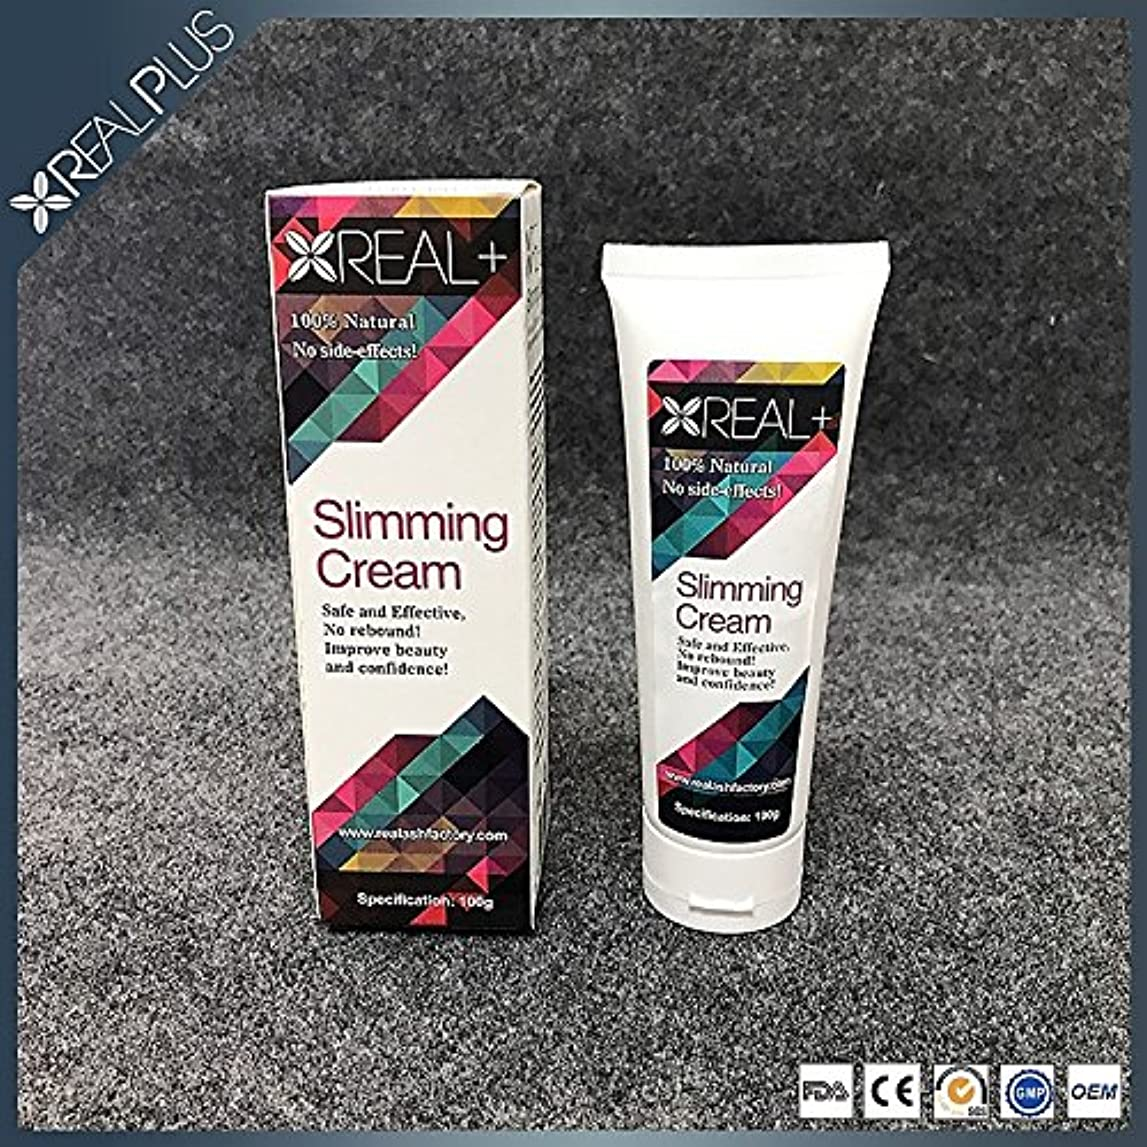 だらしない杖カップOn Promotion - Real Plus slimming cream 100g 100% Natural No Side-effects [並行輸入品]